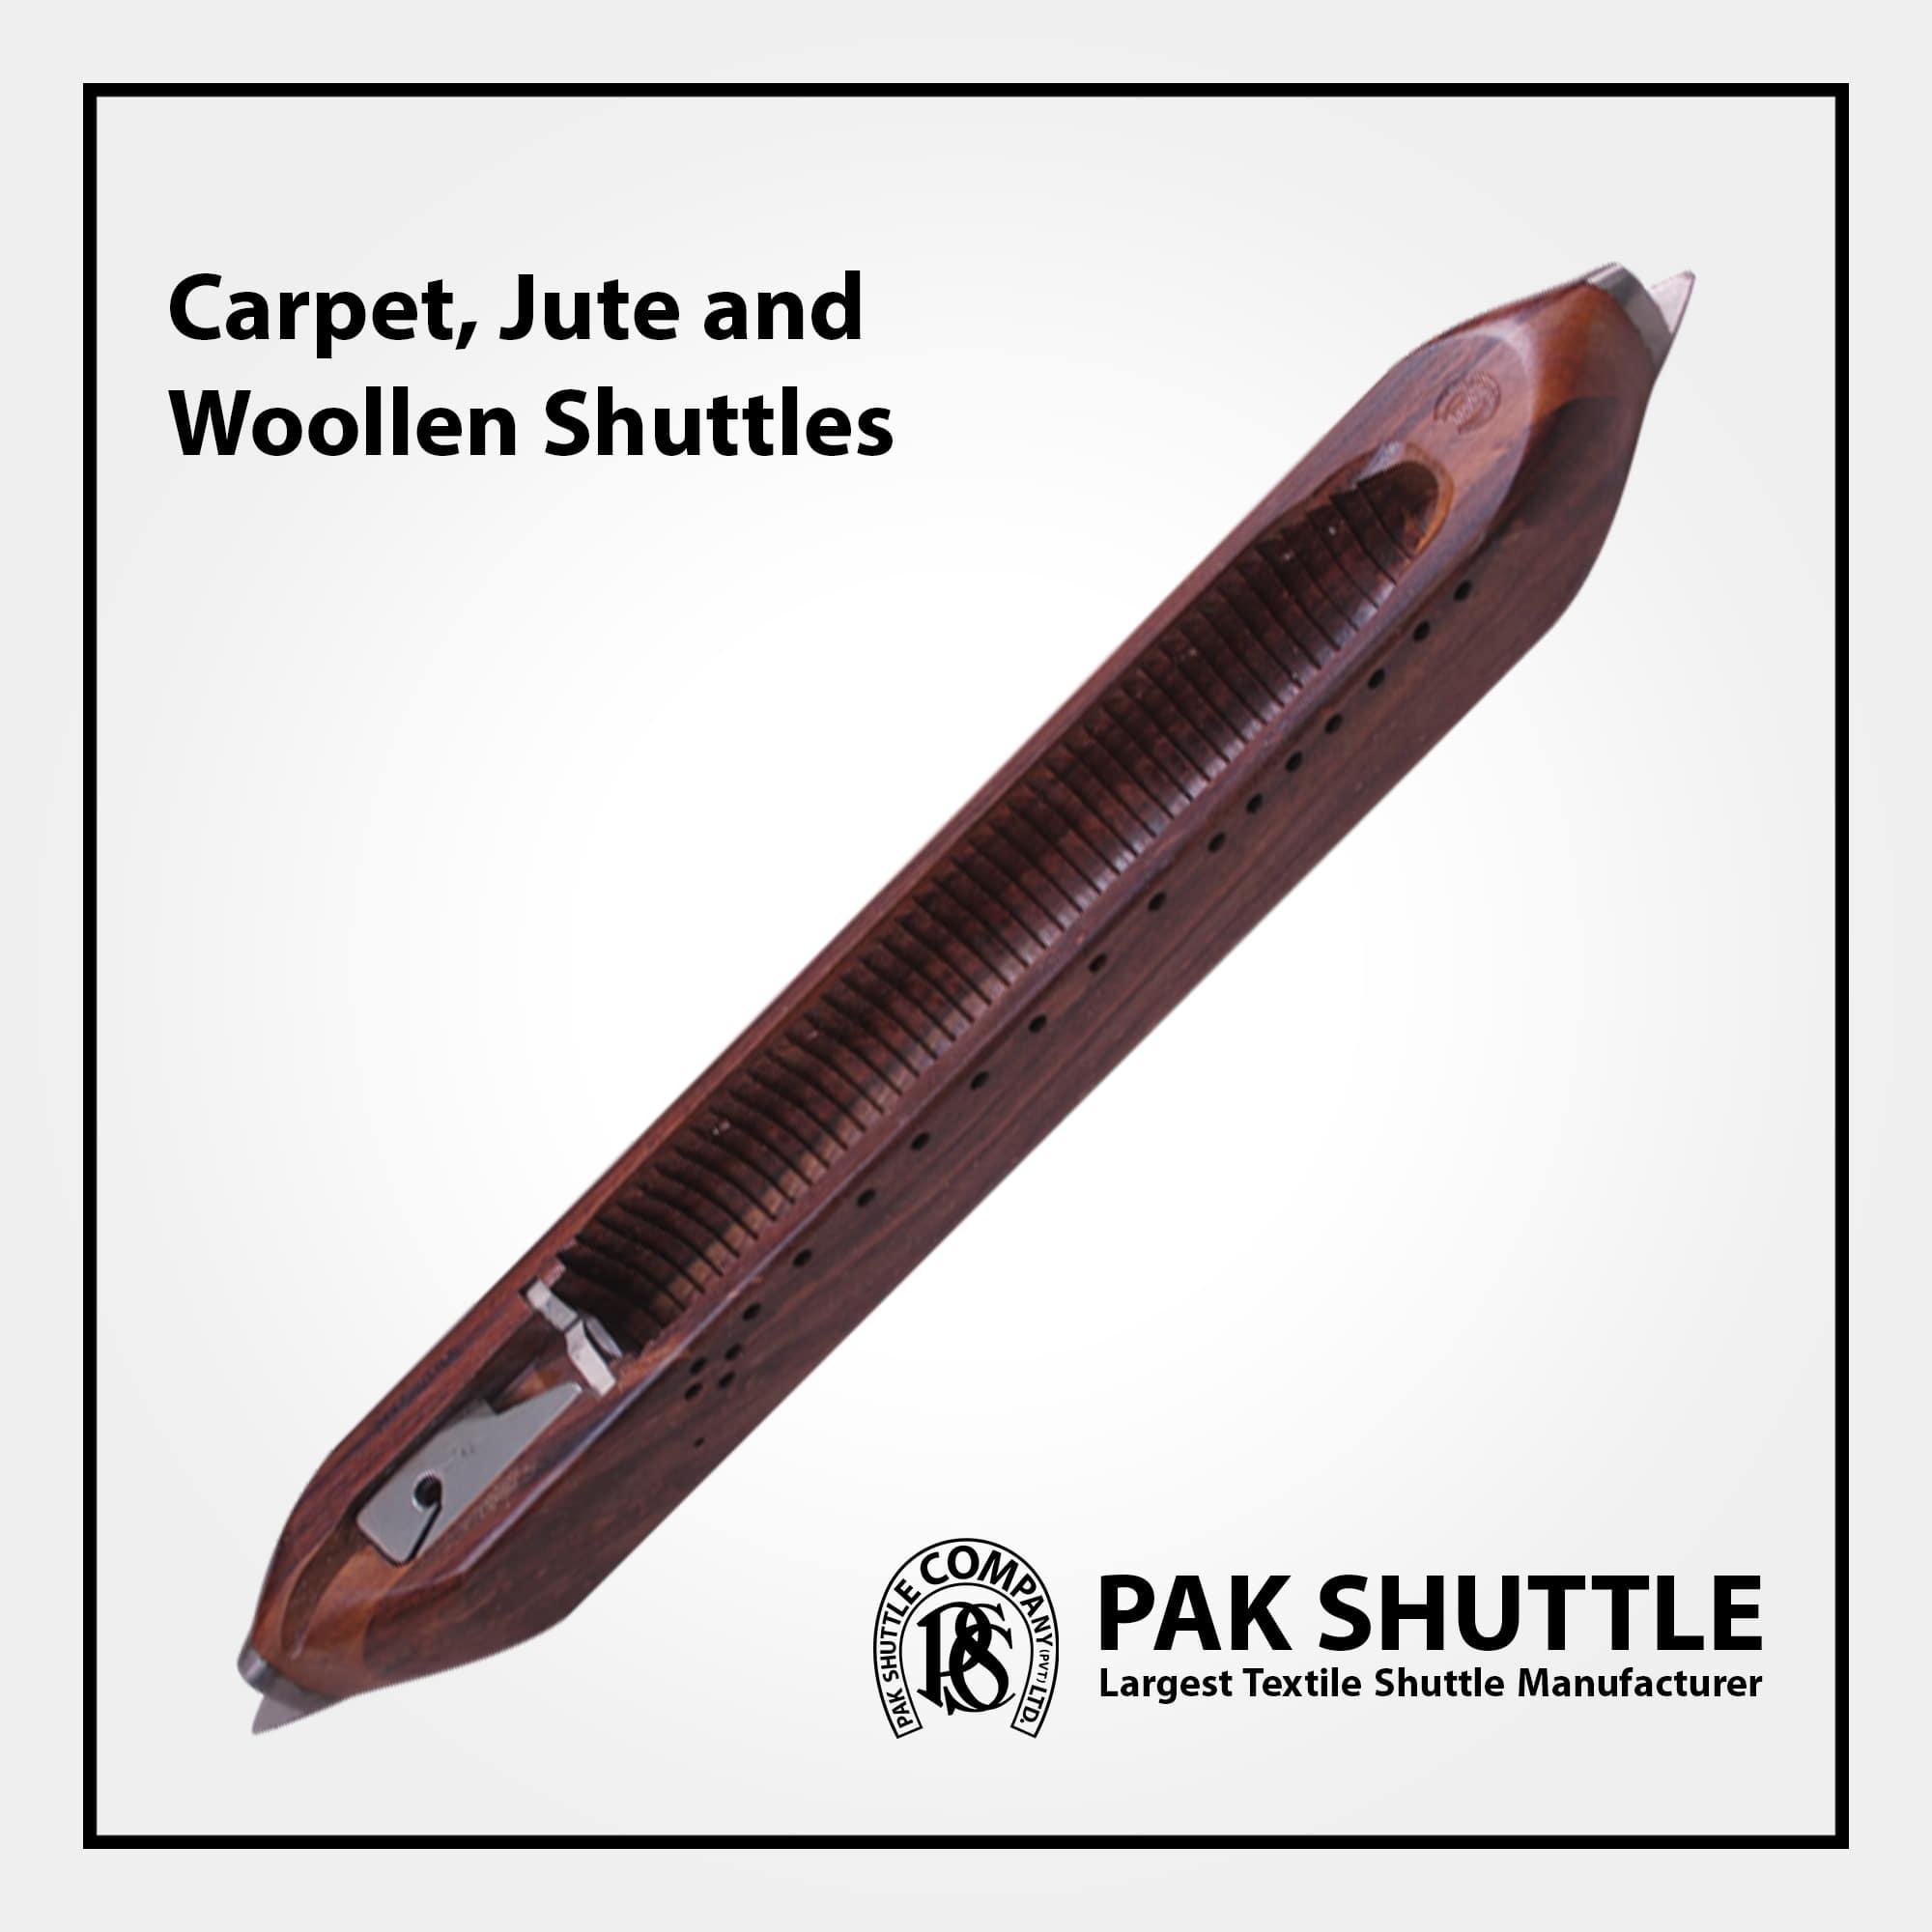 Carpet, Jute & Woolen Shuttle by Pak Shuttle Company Pvt Ltd.